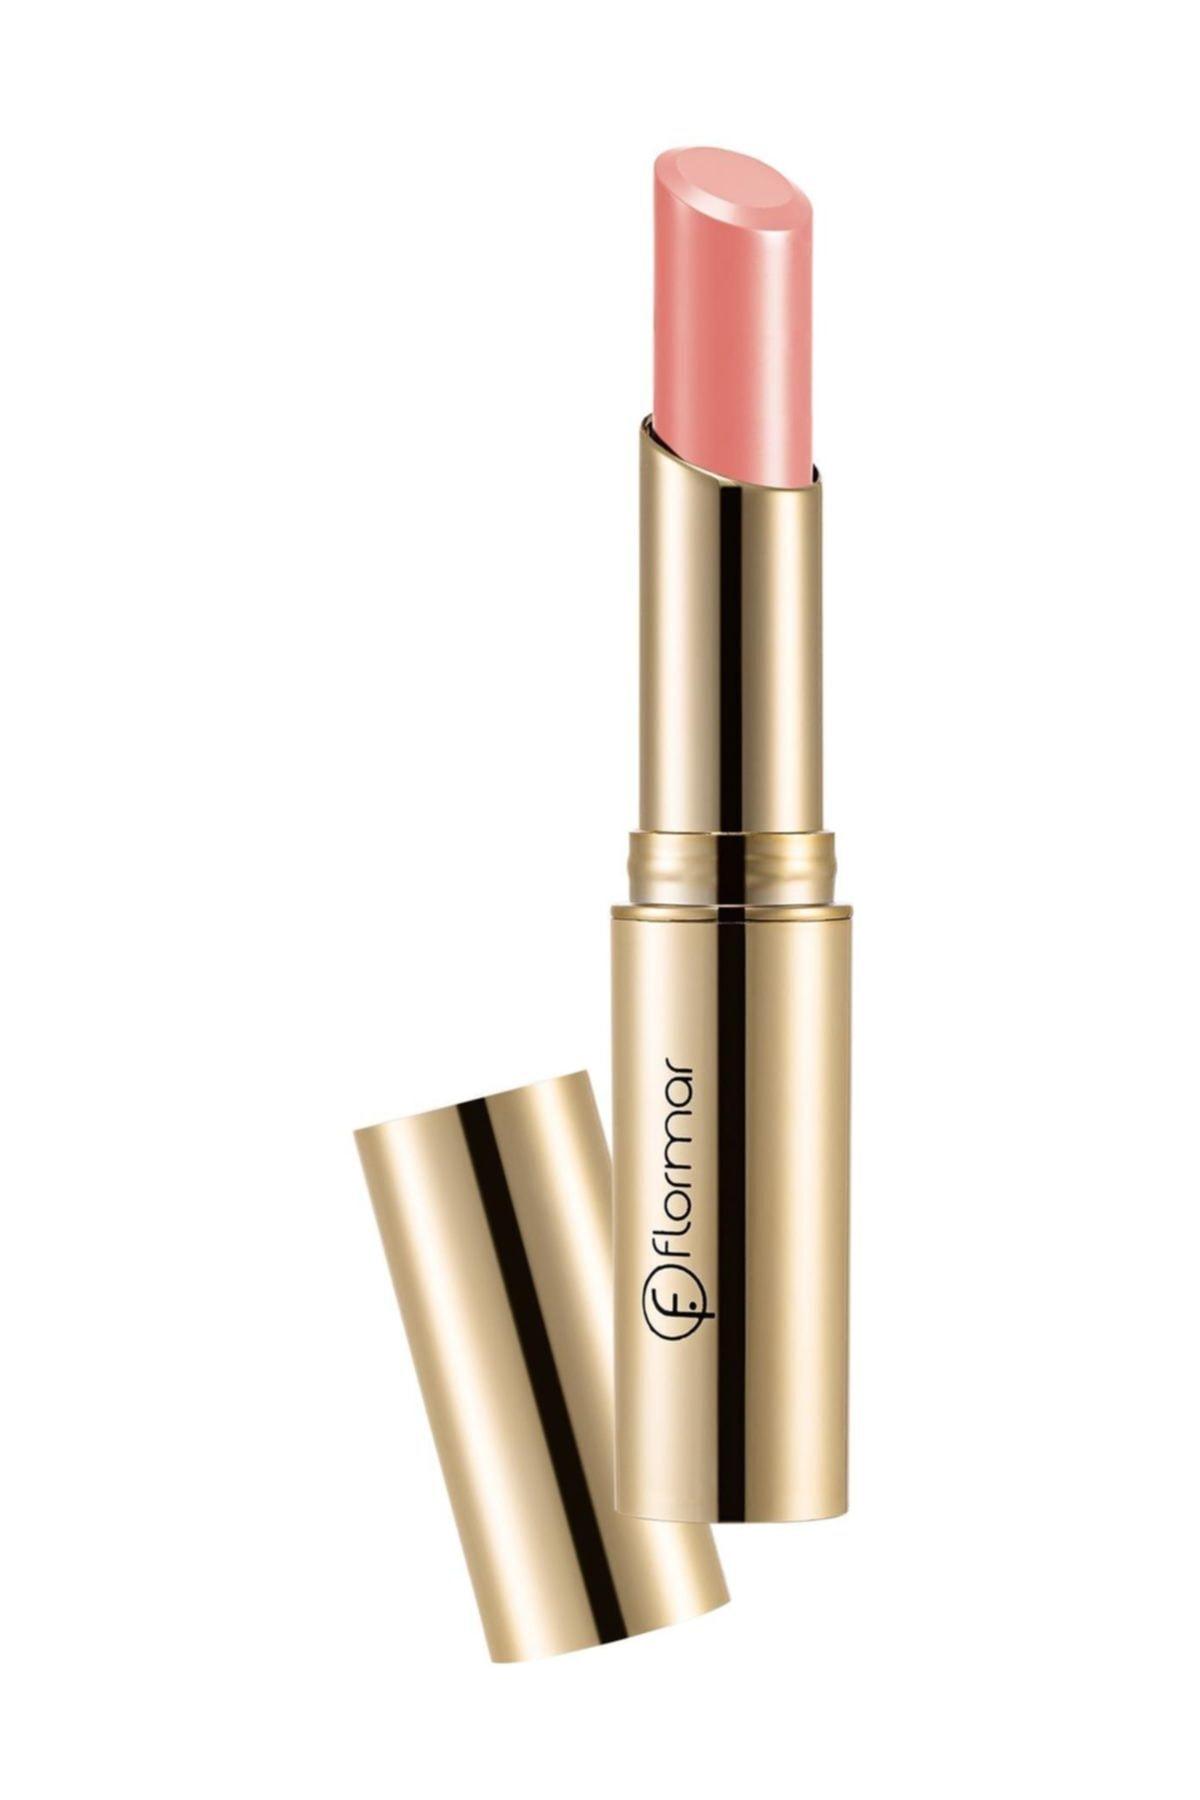 Deluxe Cashmere Lipstick Stylo Yavruağızı Ruj DC34 8690604209781